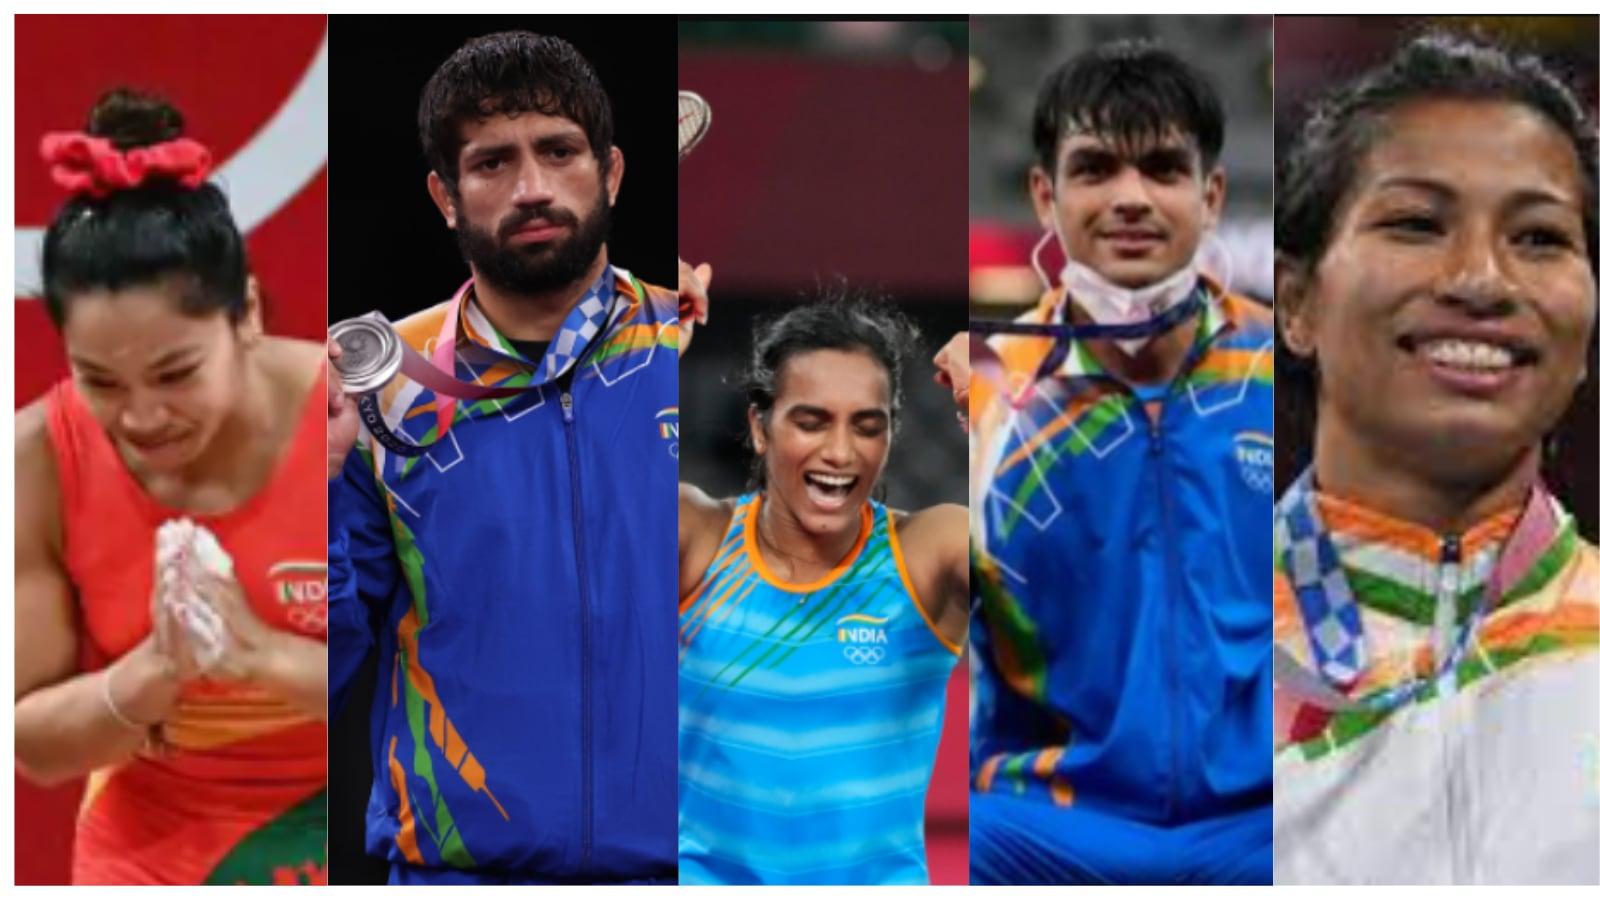 Будущие звезды спорта, которые нас вдохновляют